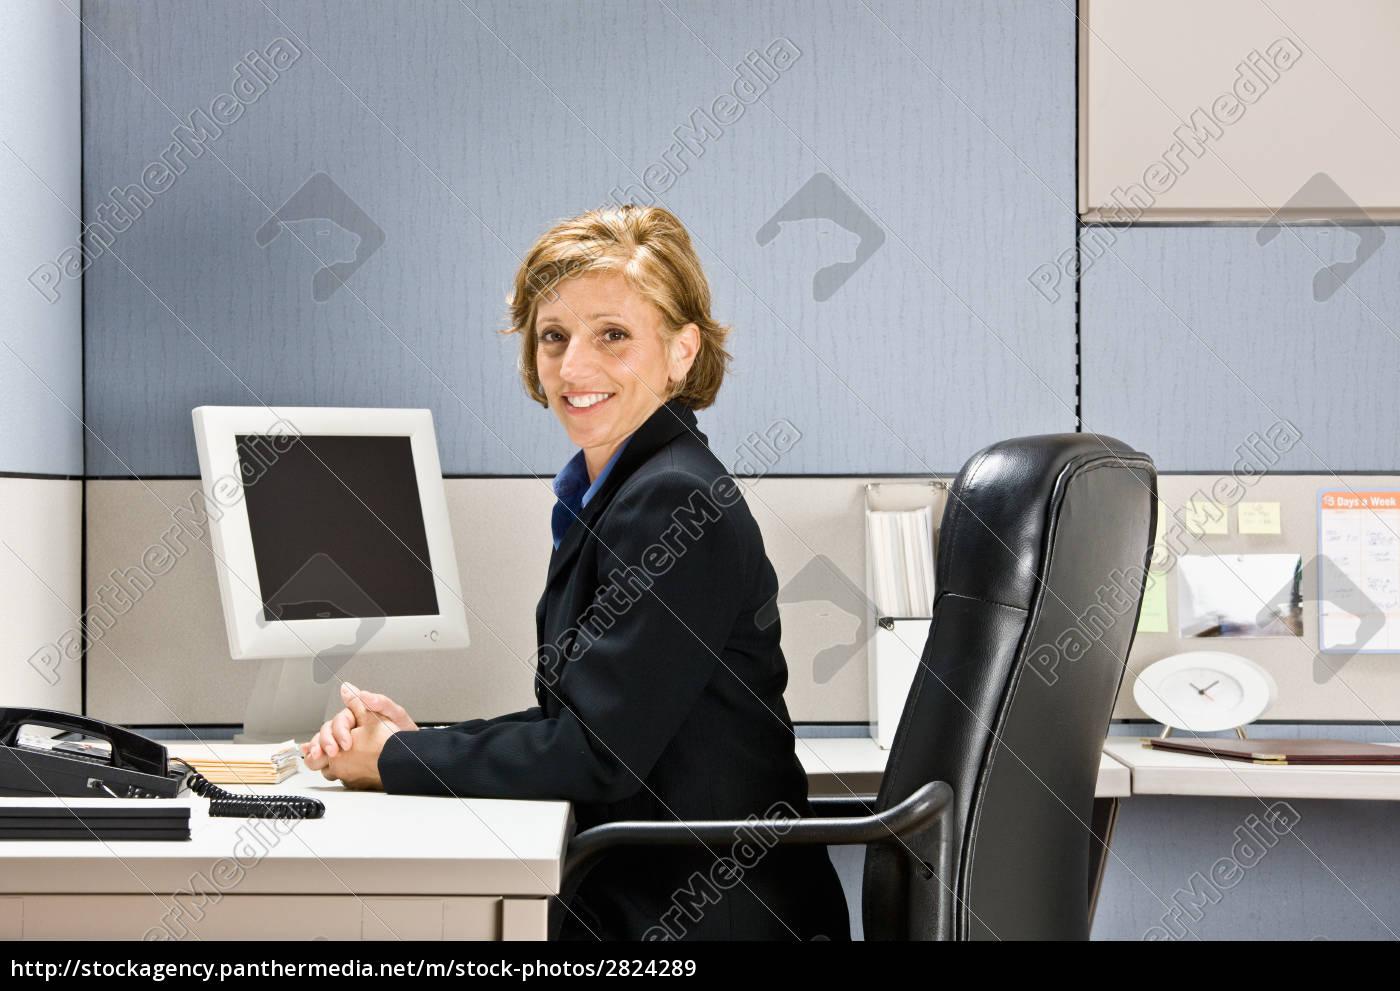 businesswoman, sitting, at, desk - 2824289